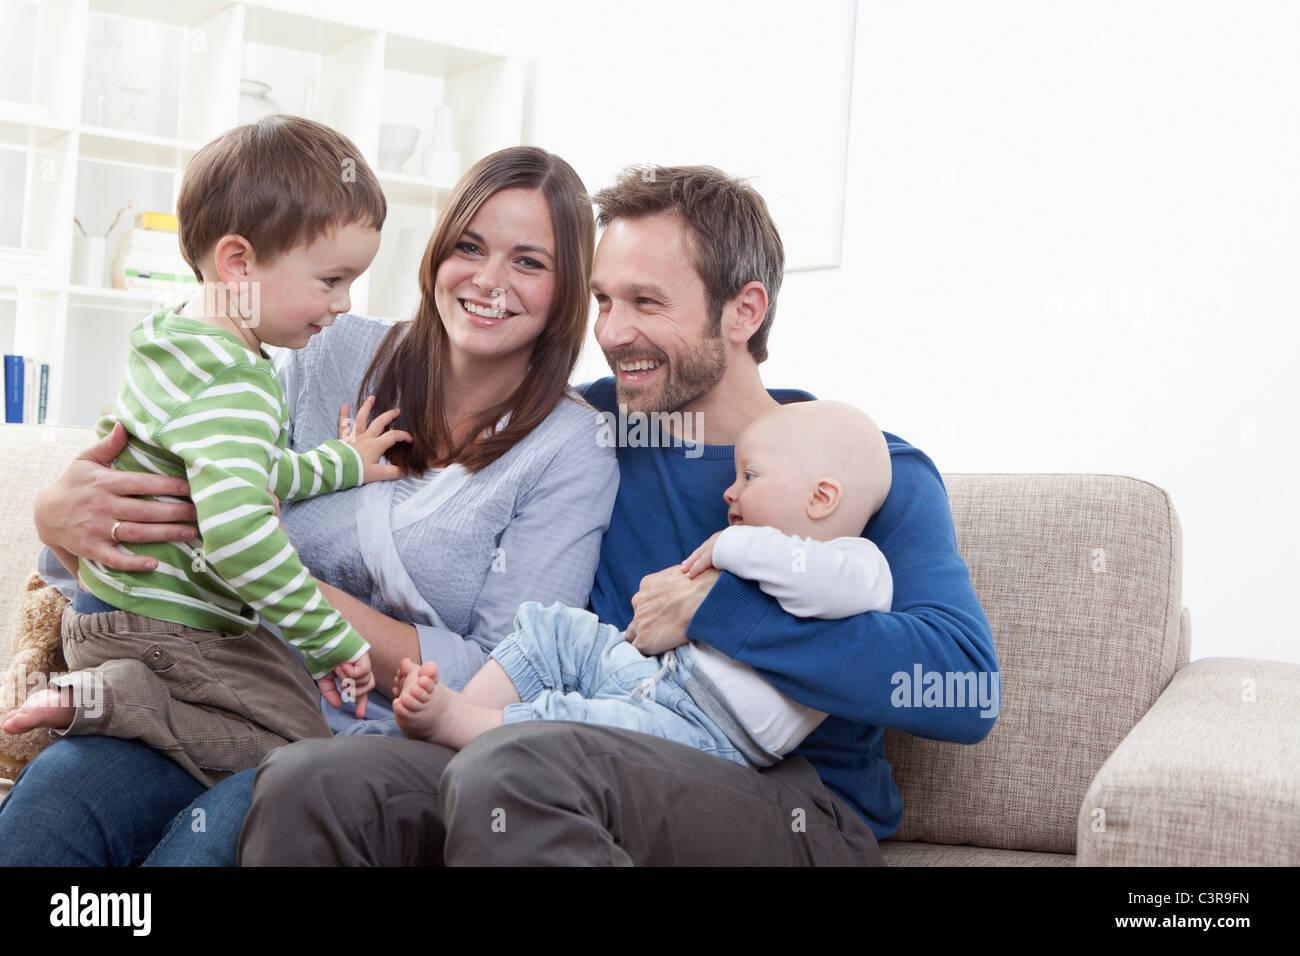 Deutschland, Bayern, München, Familie Spaß im Wohnzimmer, Lächeln ...